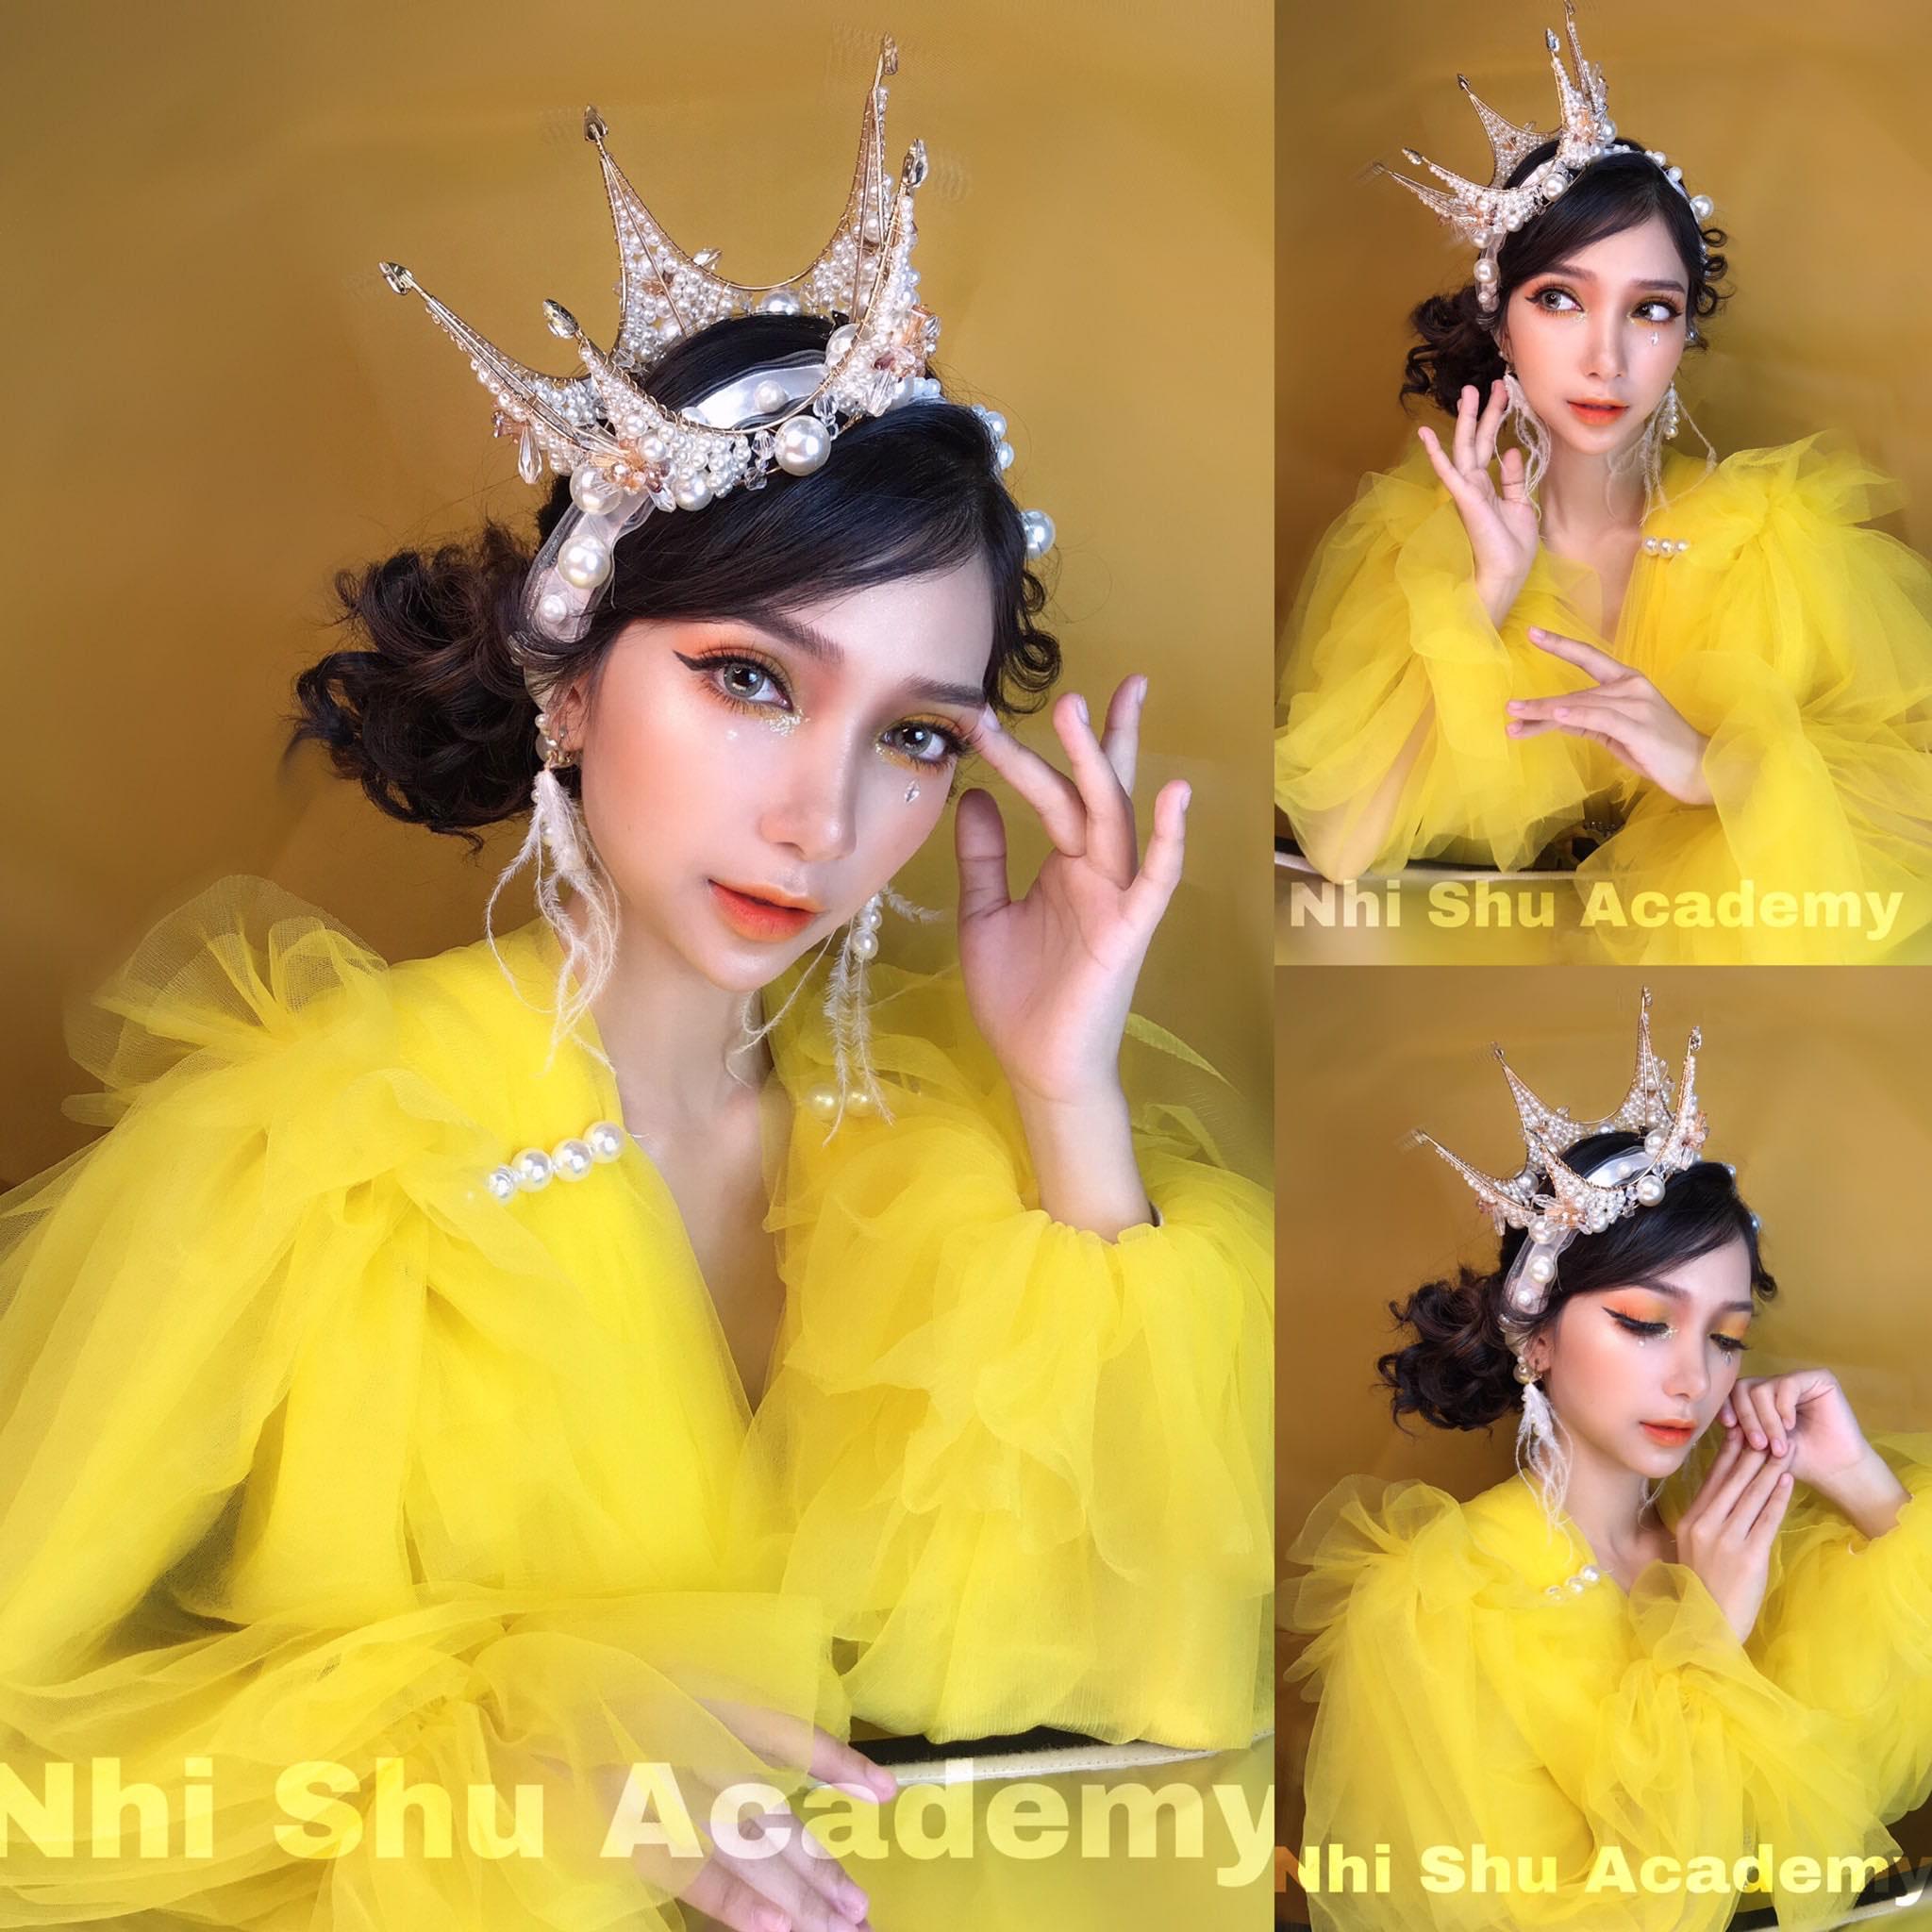 Nhi Shu